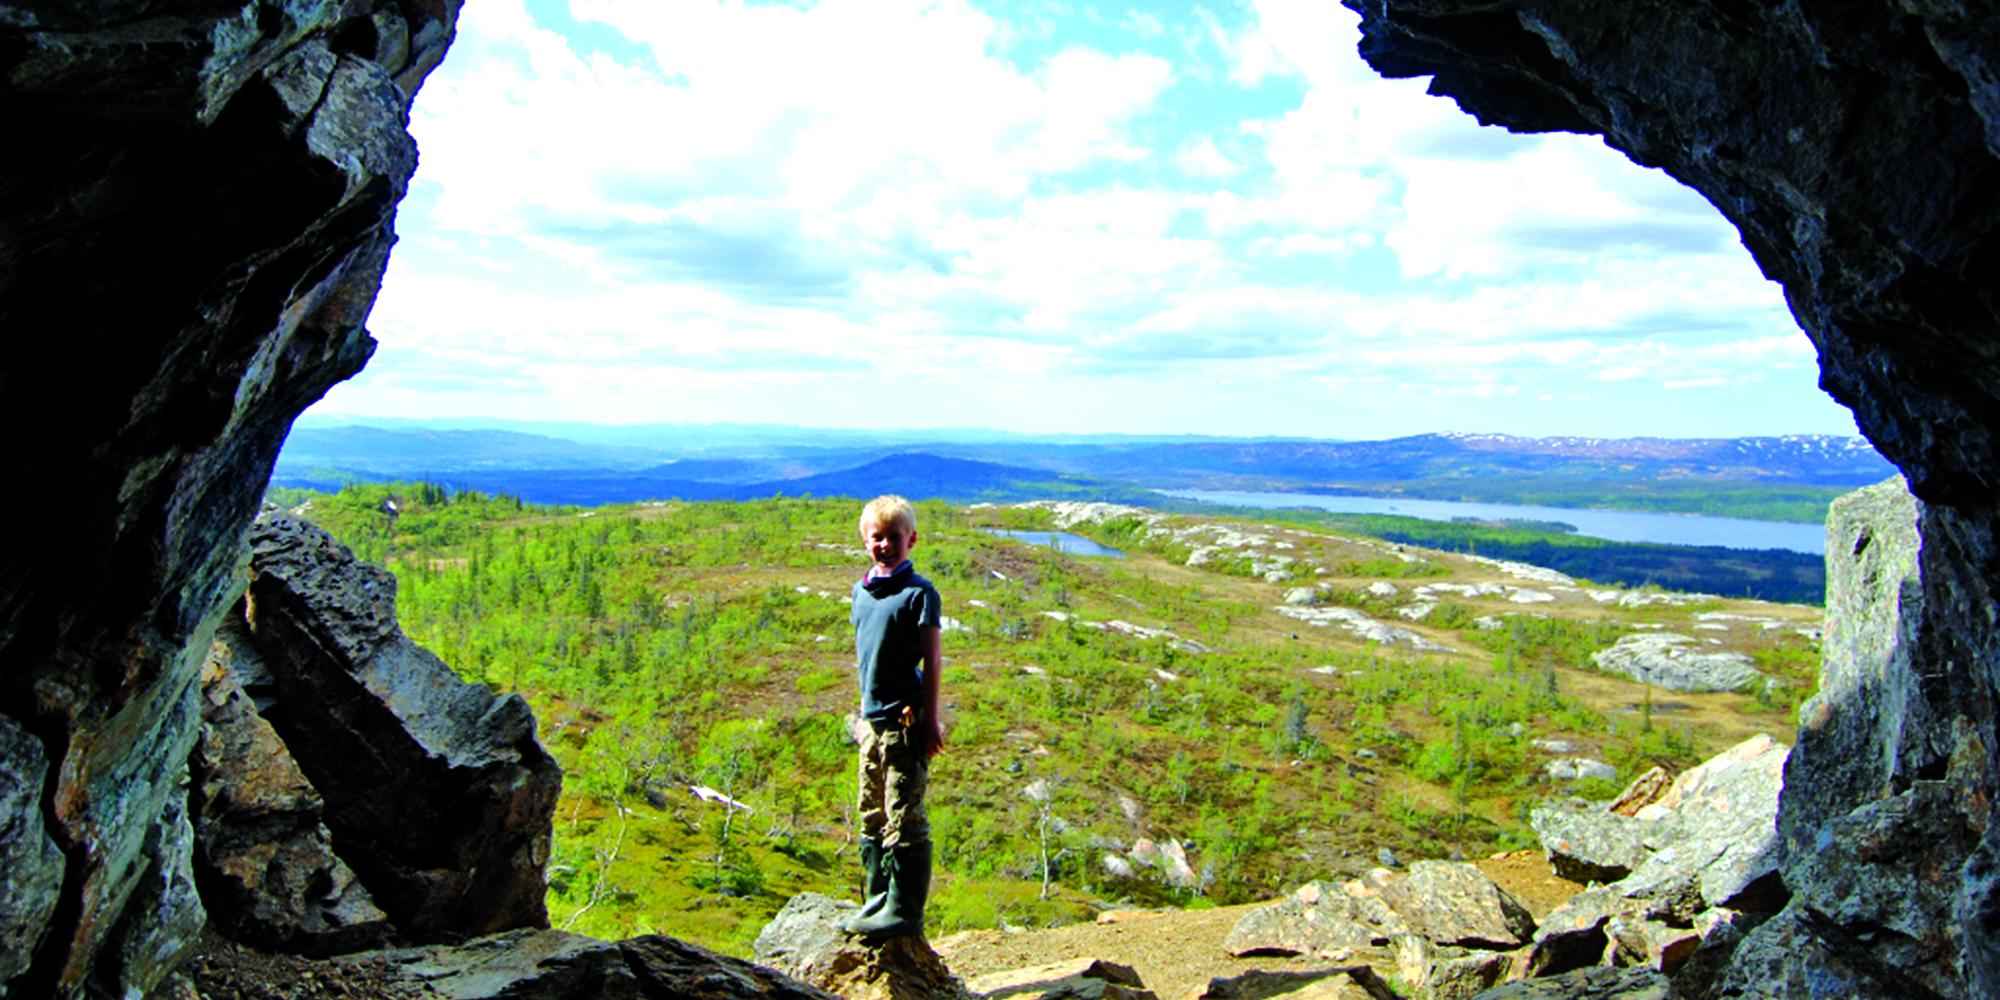 Mokk farm - the mine entrance. Copyright: Mokk gård